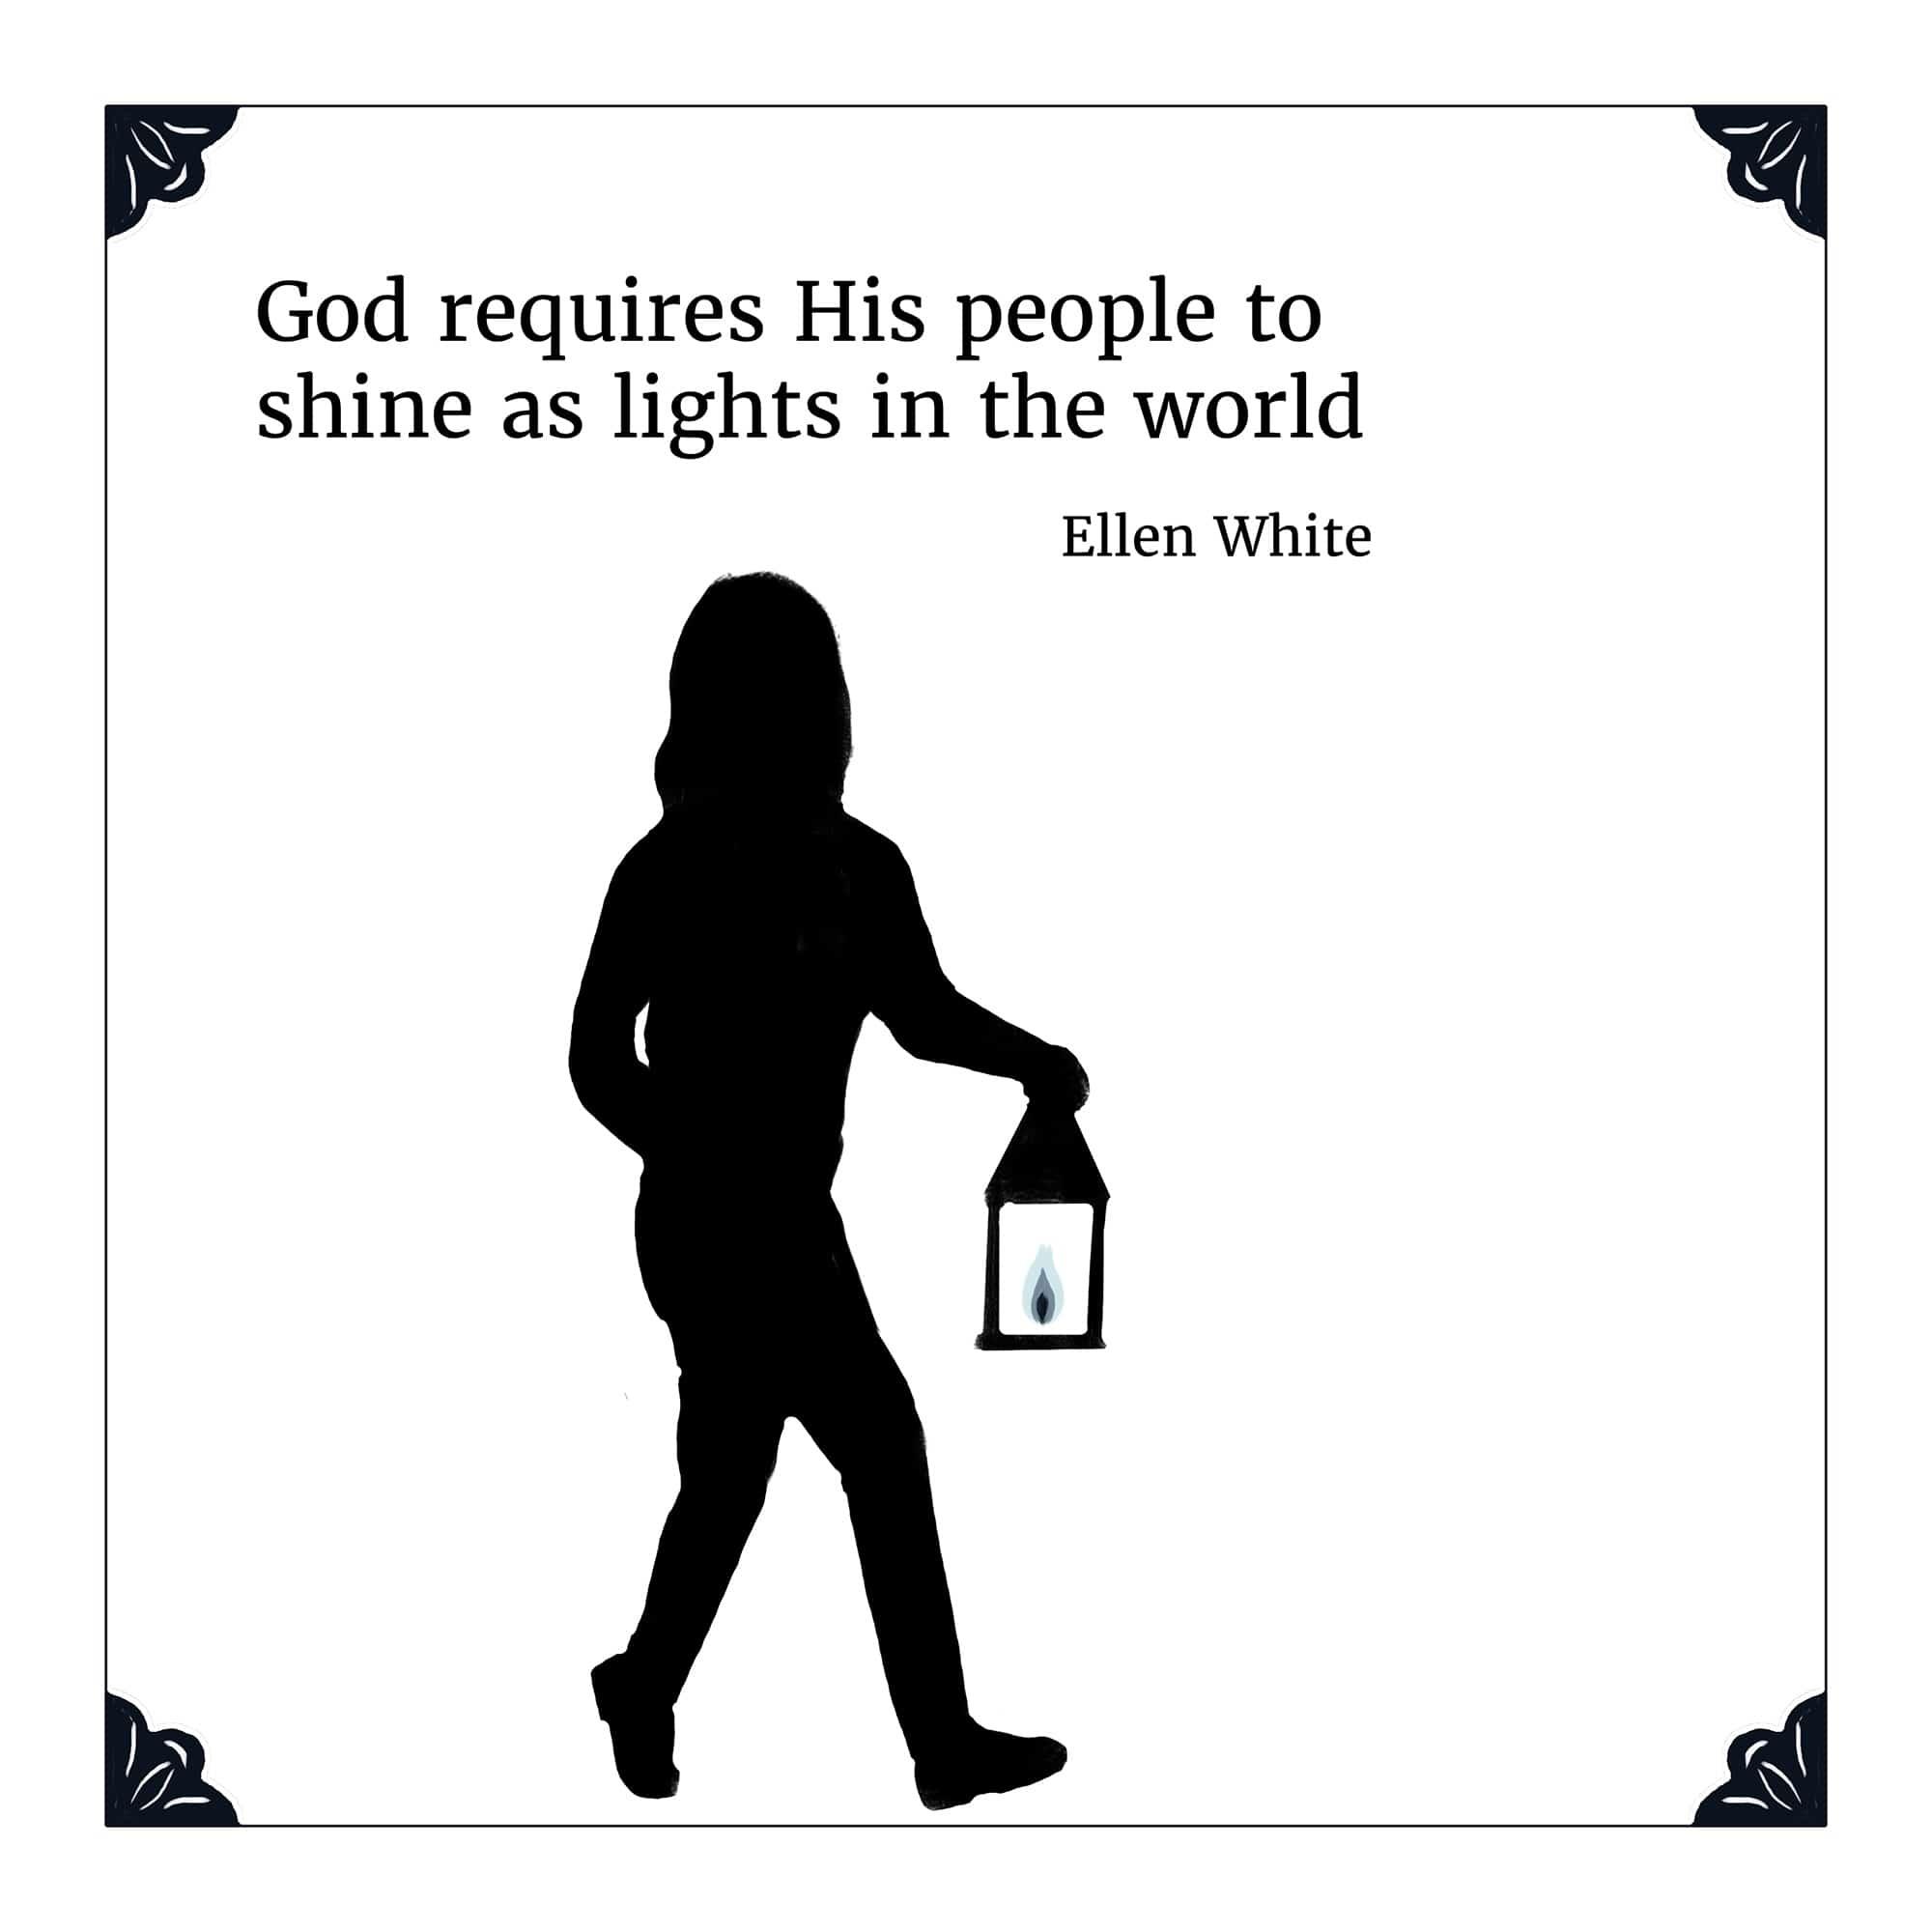 Ellen White quote